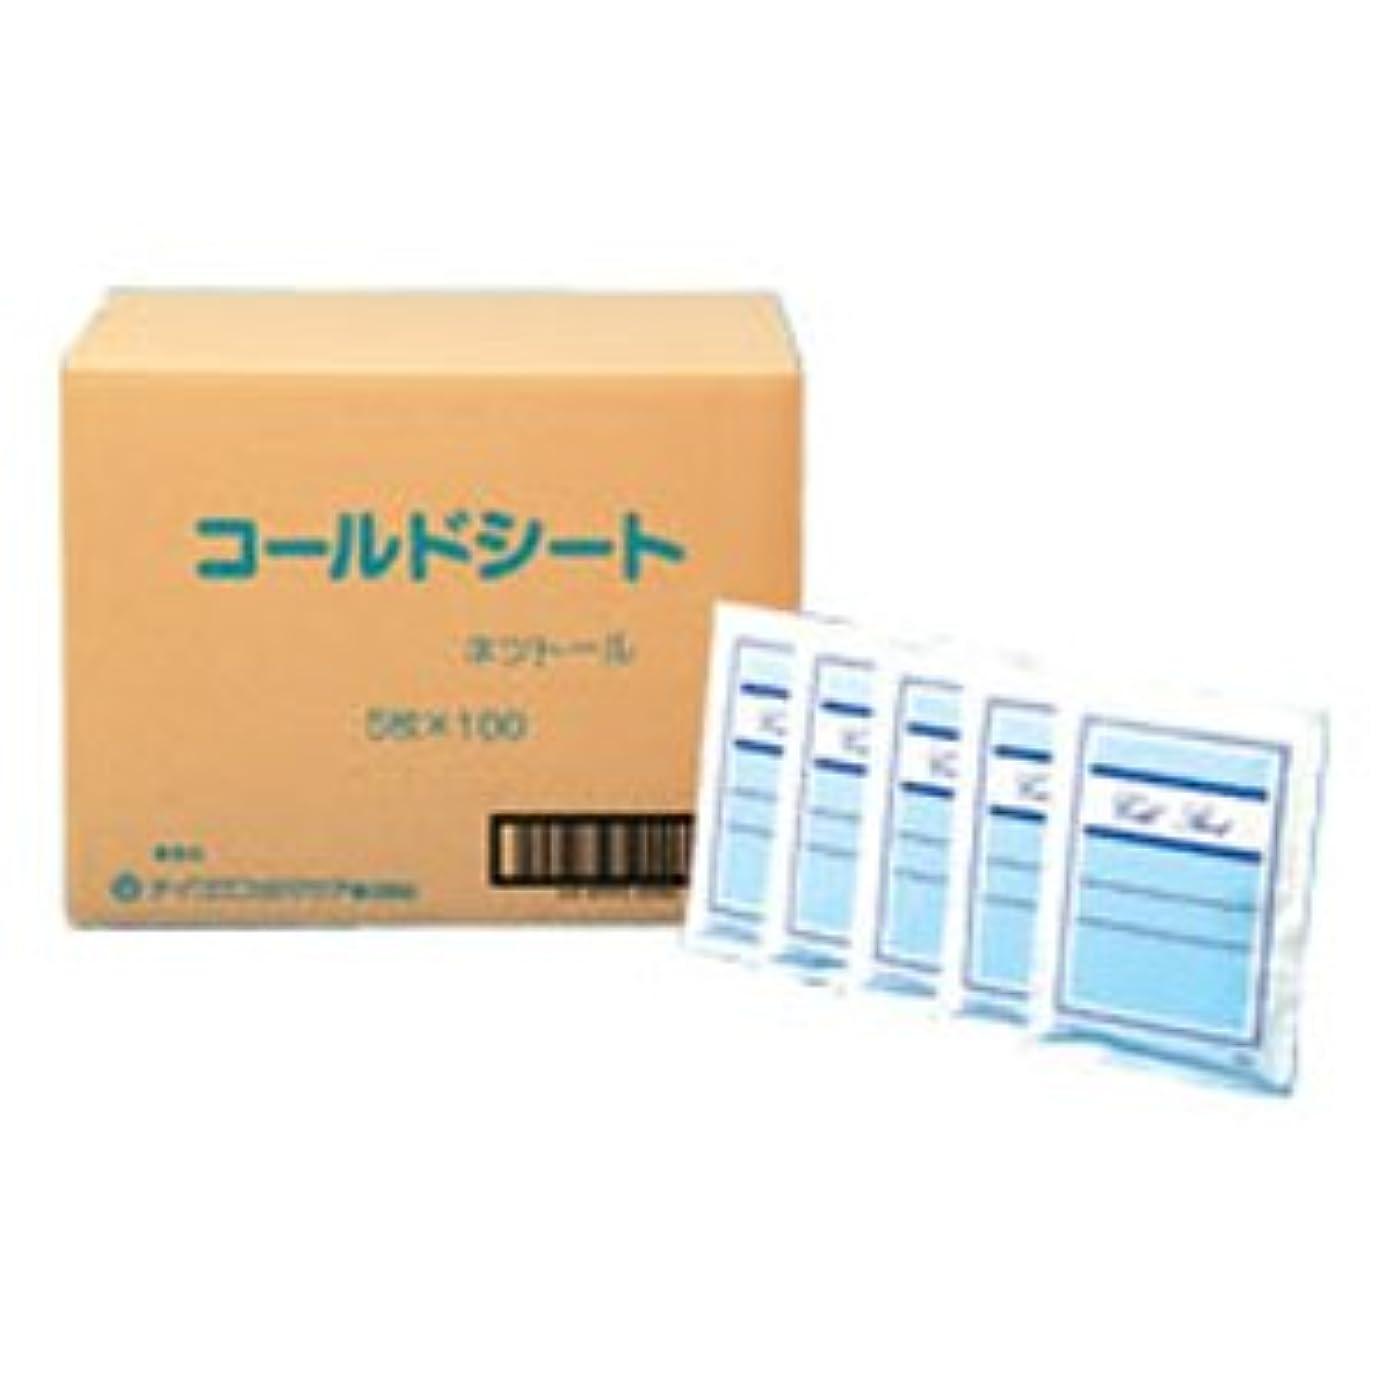 発音する連続的習慣(テイコクファルマケア) コールドシート (5枚×6袋入り)